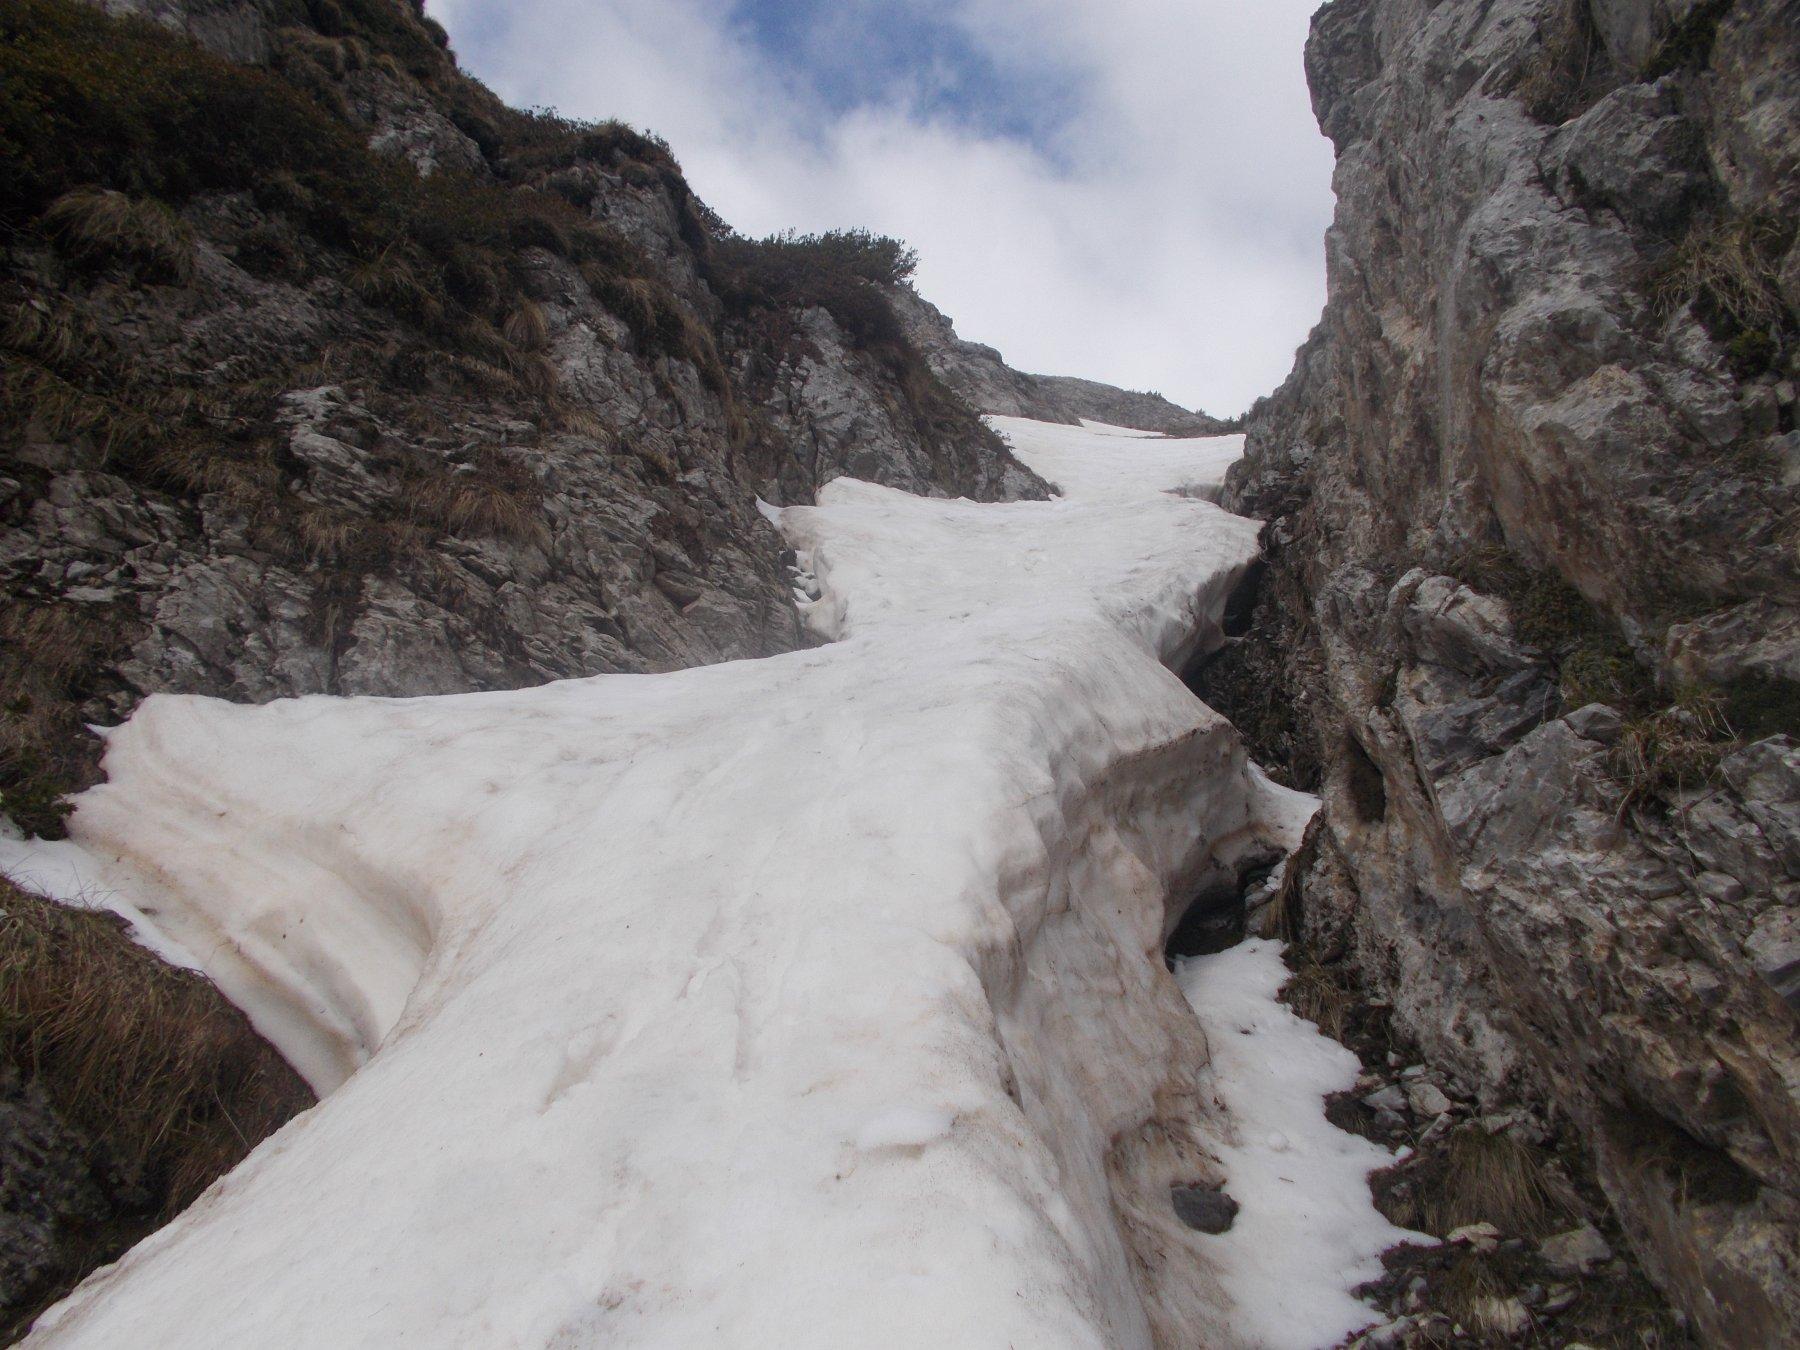 nella strozzatura..una corposa lingua di neve resiste ancora..